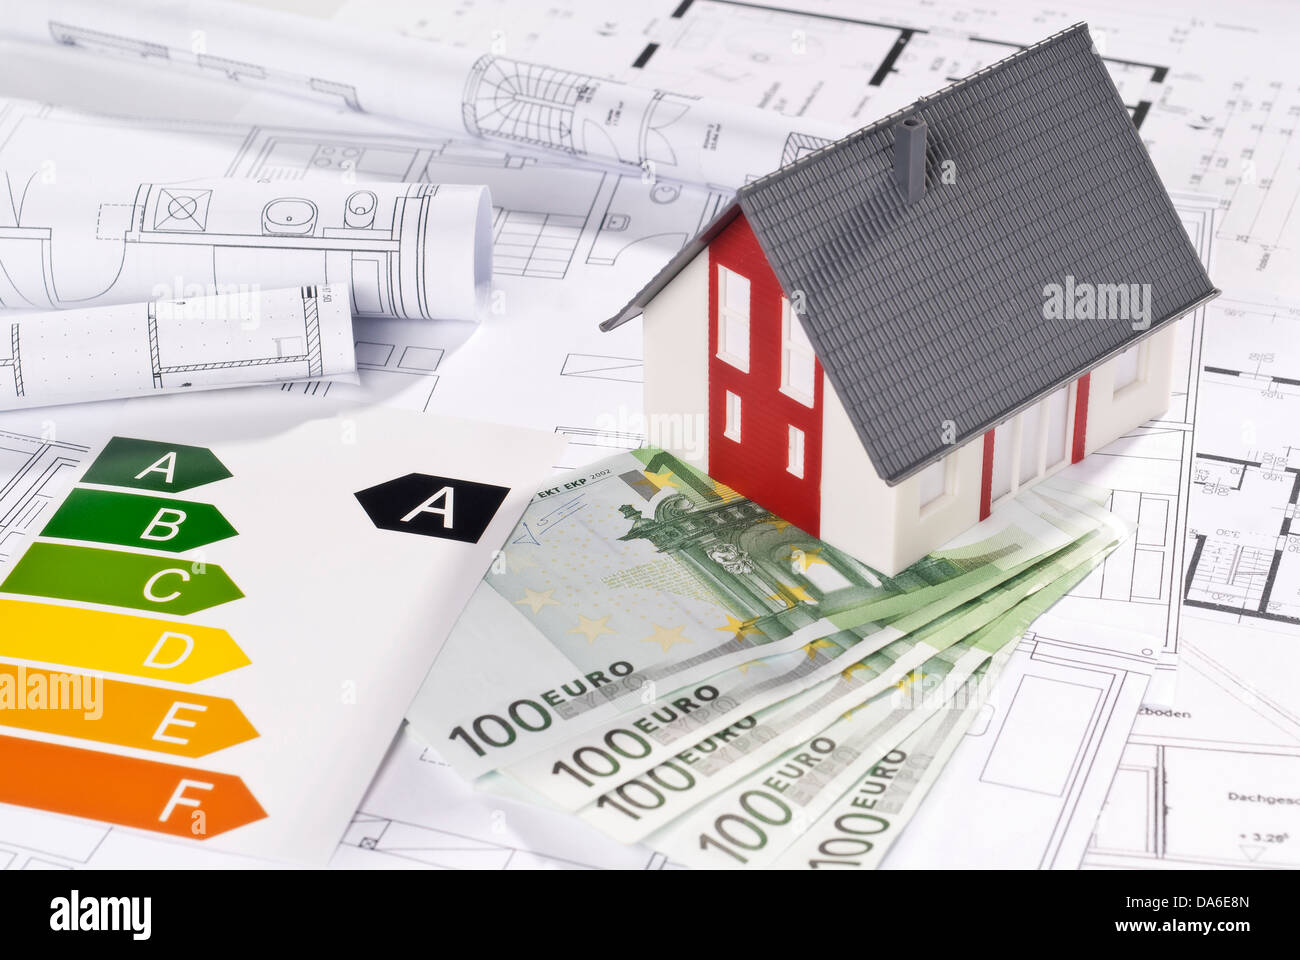 L'efficacité énergétique avec l'étiquette modèle architectural, les plans et projets Photo Stock